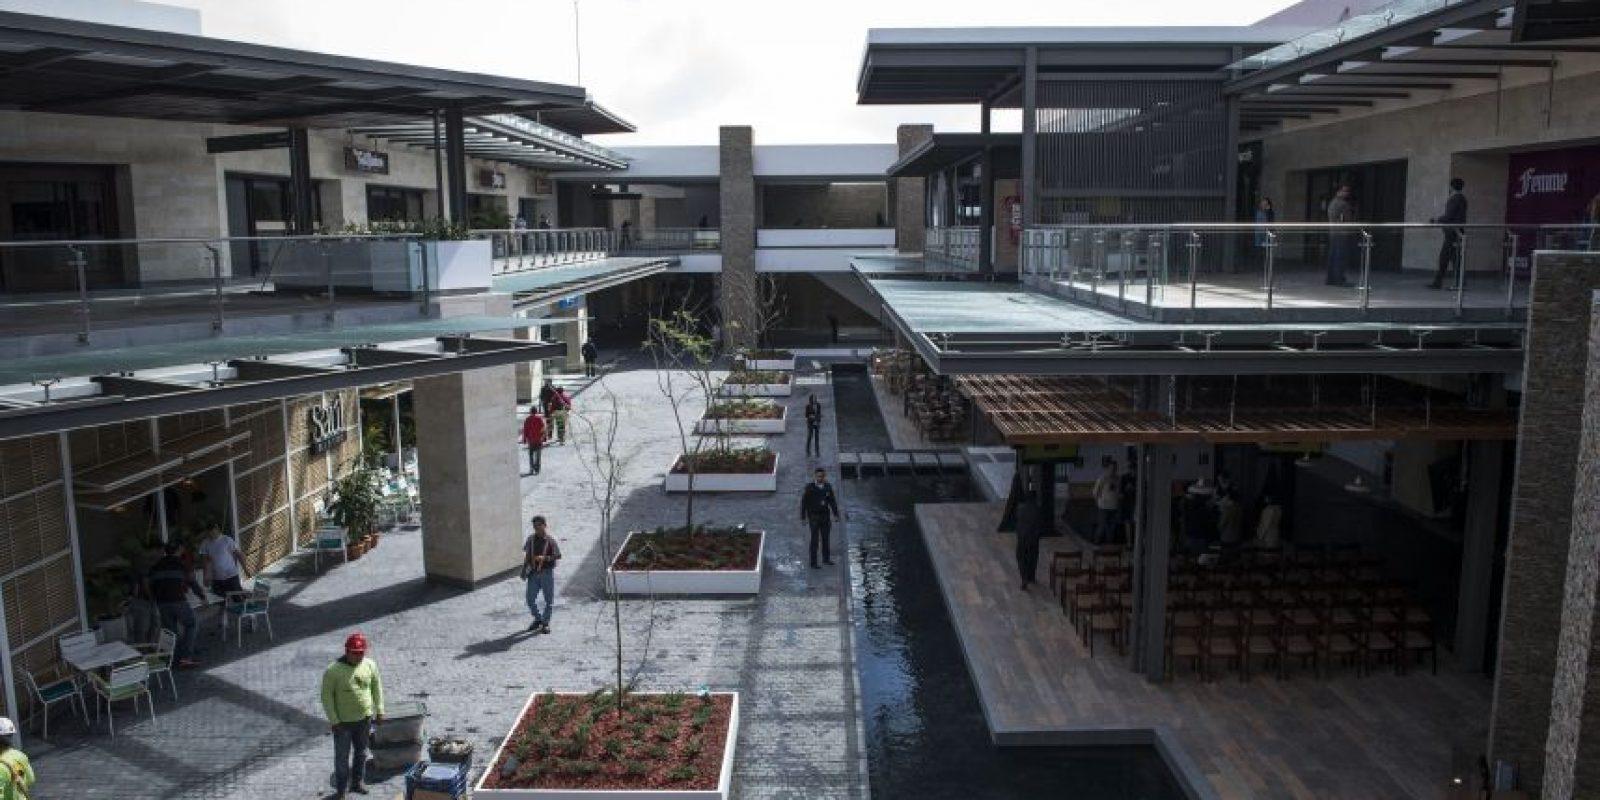 Tiene 3,000 m2 de plazas y espacios al aire libre Foto:Oliver de Ros